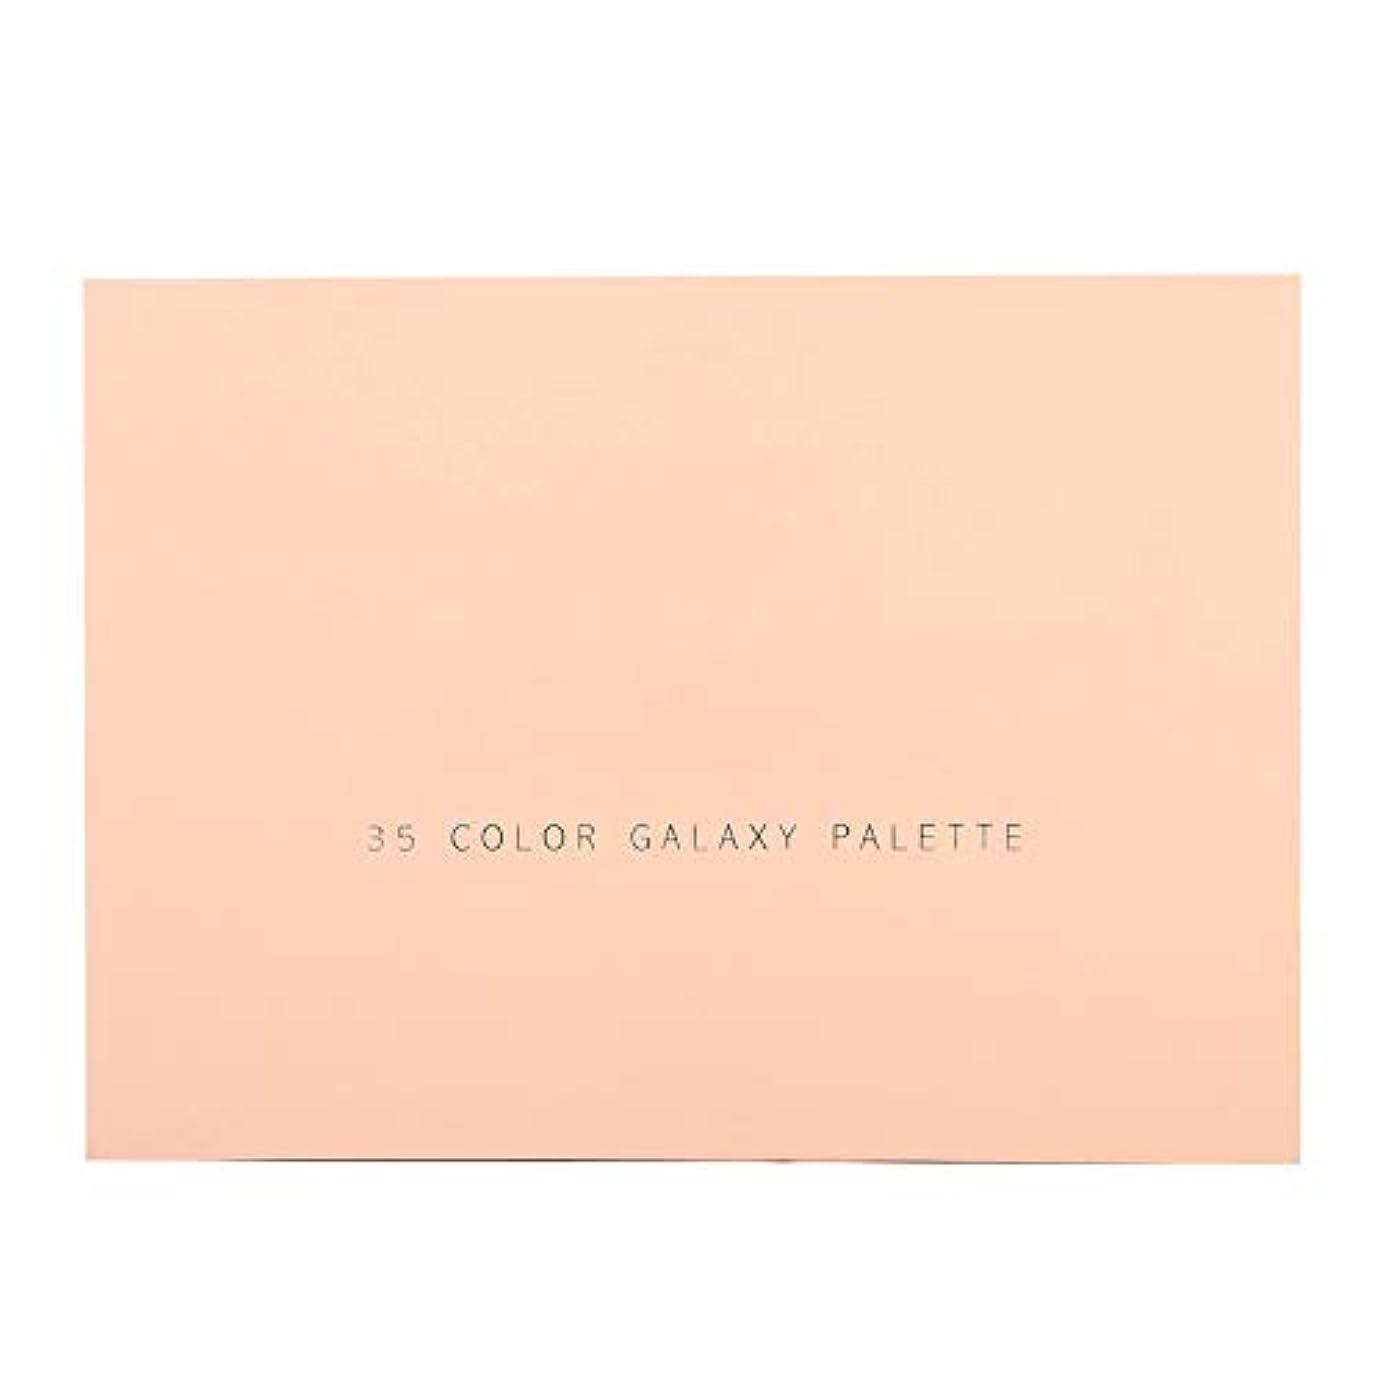 海岸残り光35色キラキラマットアイシャドーパレット簡単に適用するアイシャドー化粧品メイクアップパウダー(ピンク)